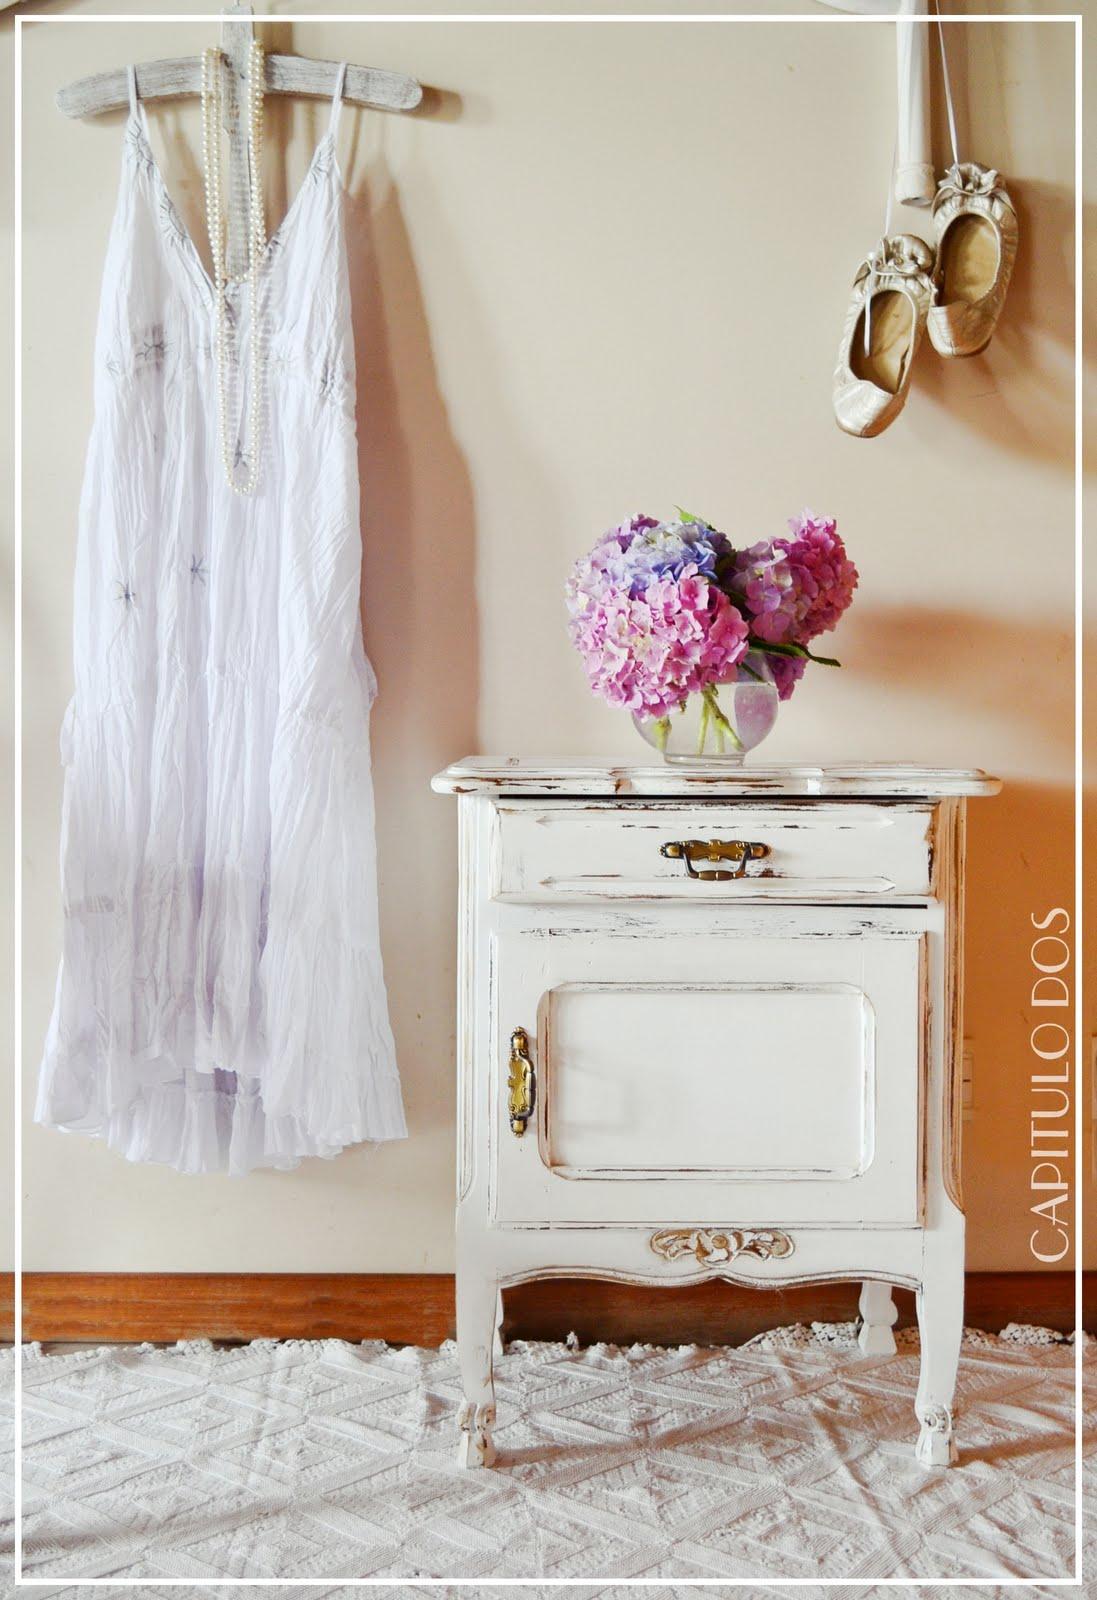 Capitulo dos noviembre 2011 - Decoracion muebles vintage ...